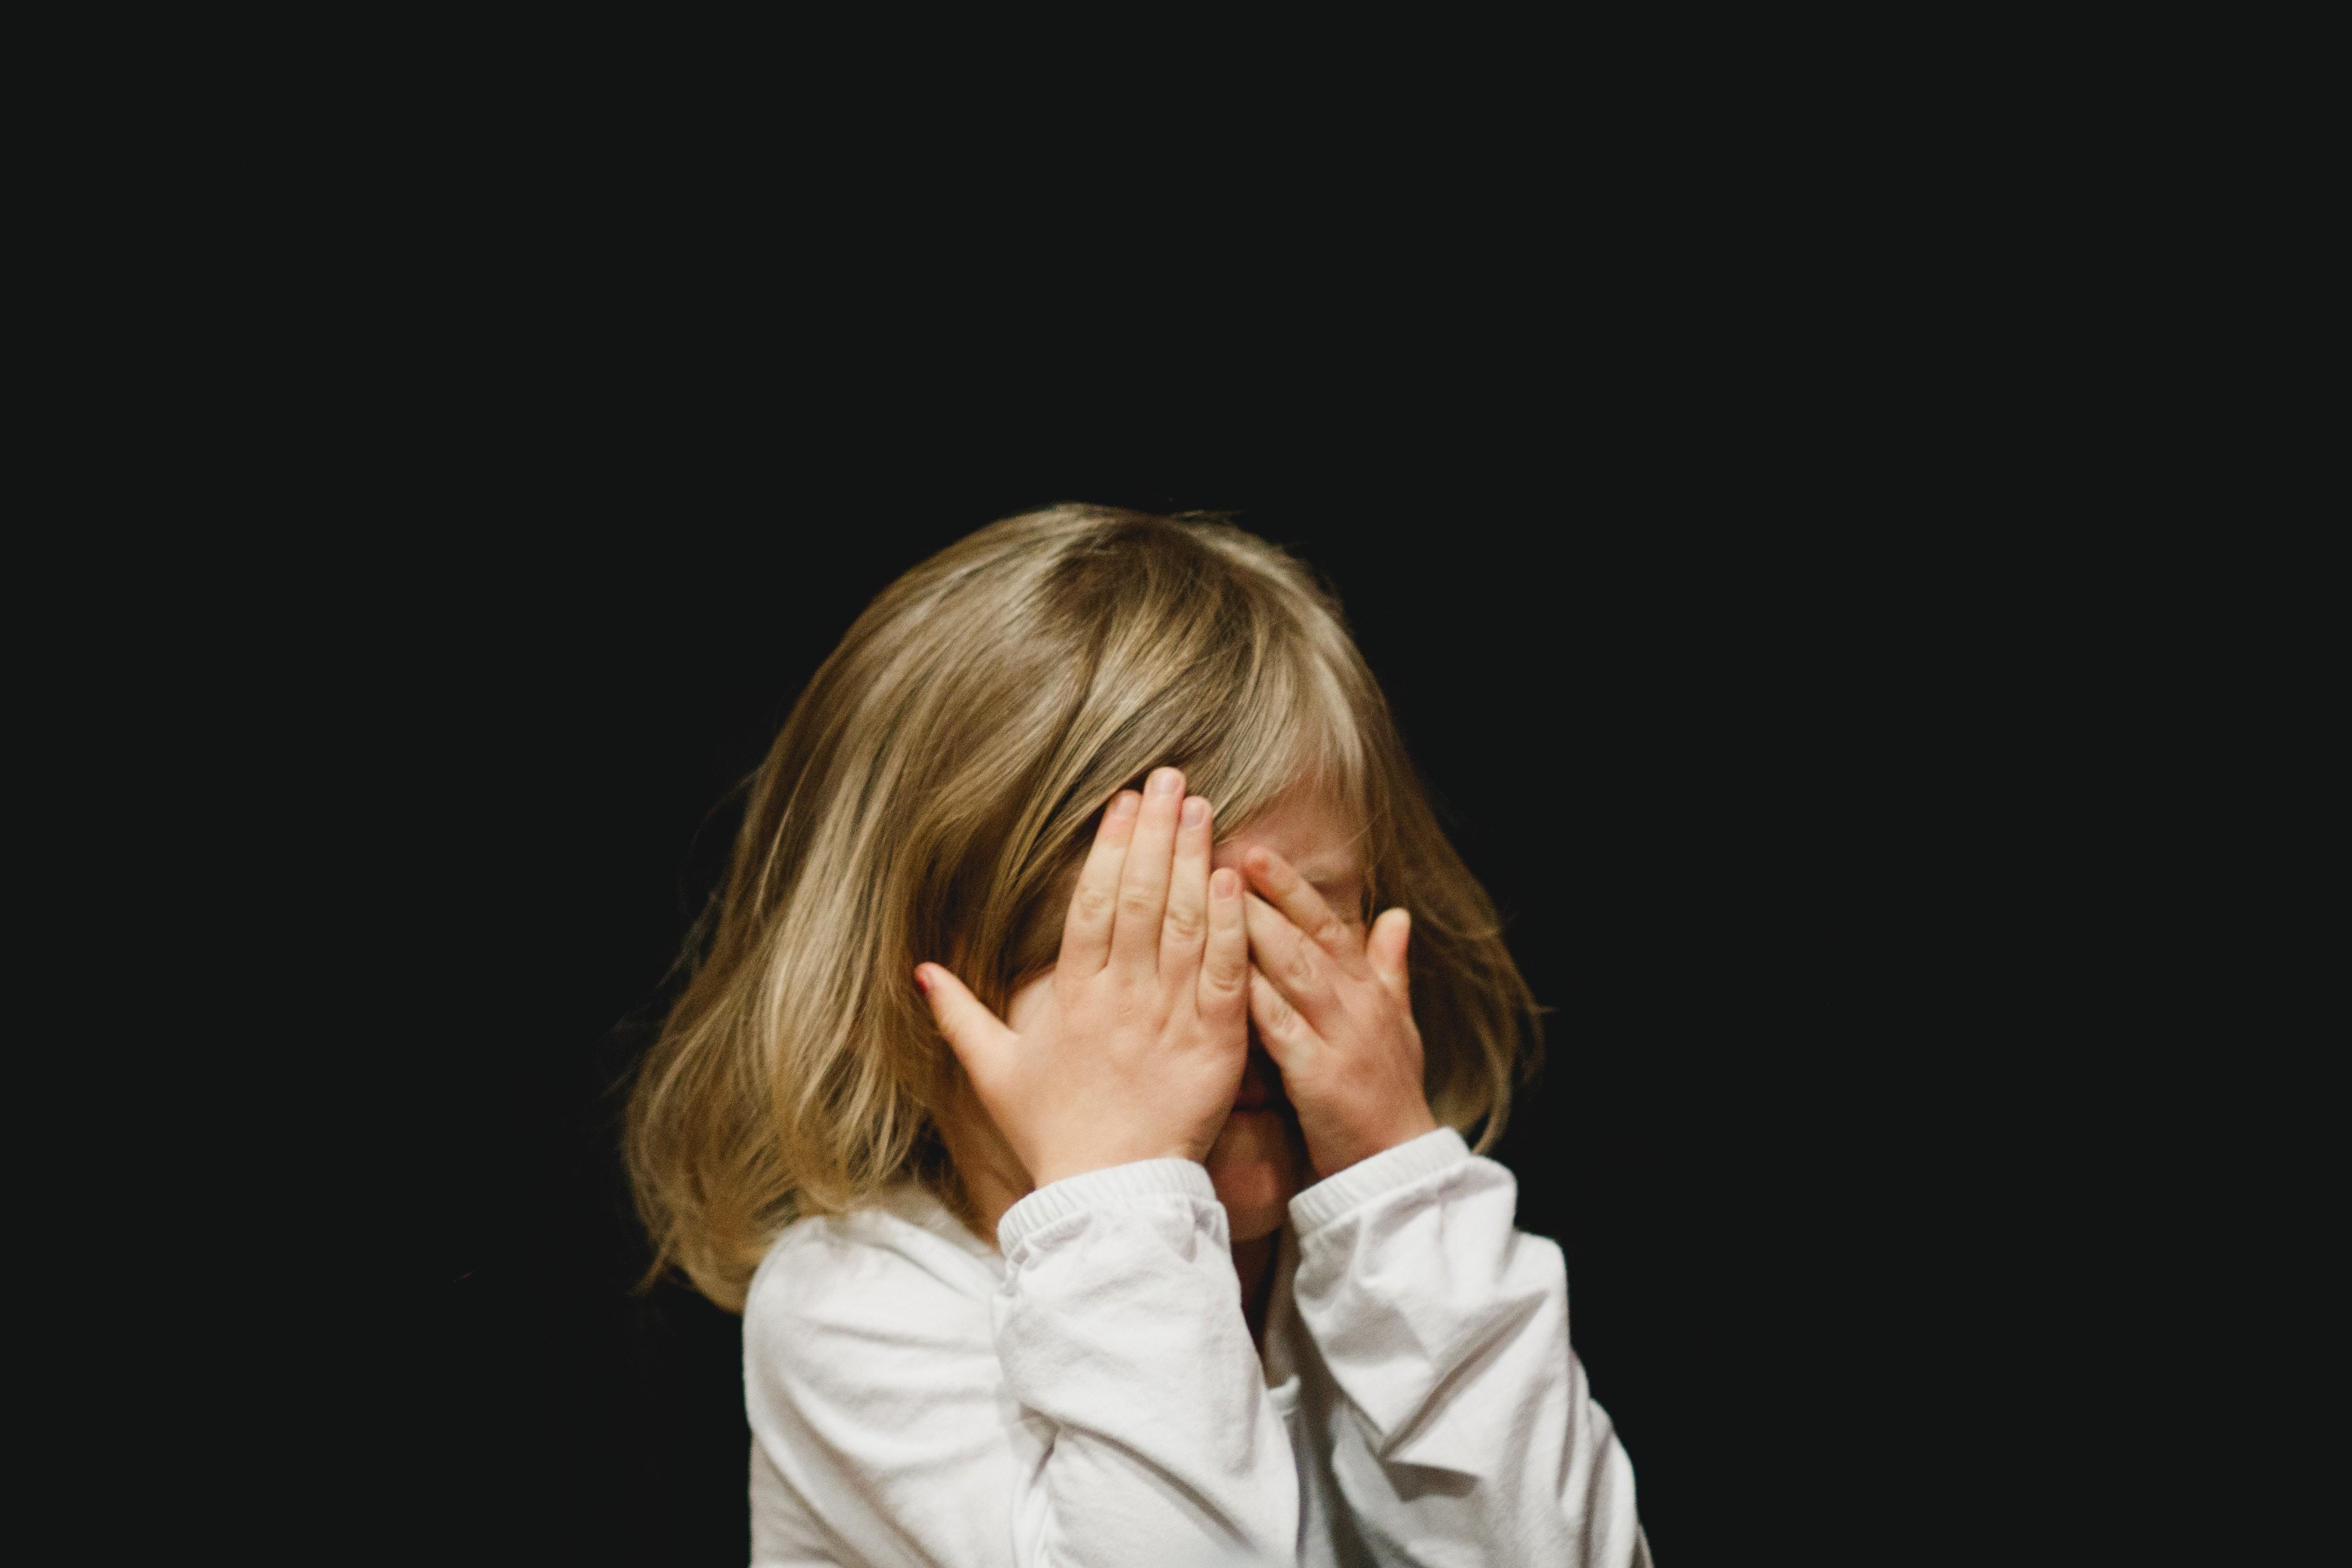 Ага, попался: 5 признаков, что ребенок тебя обманывает